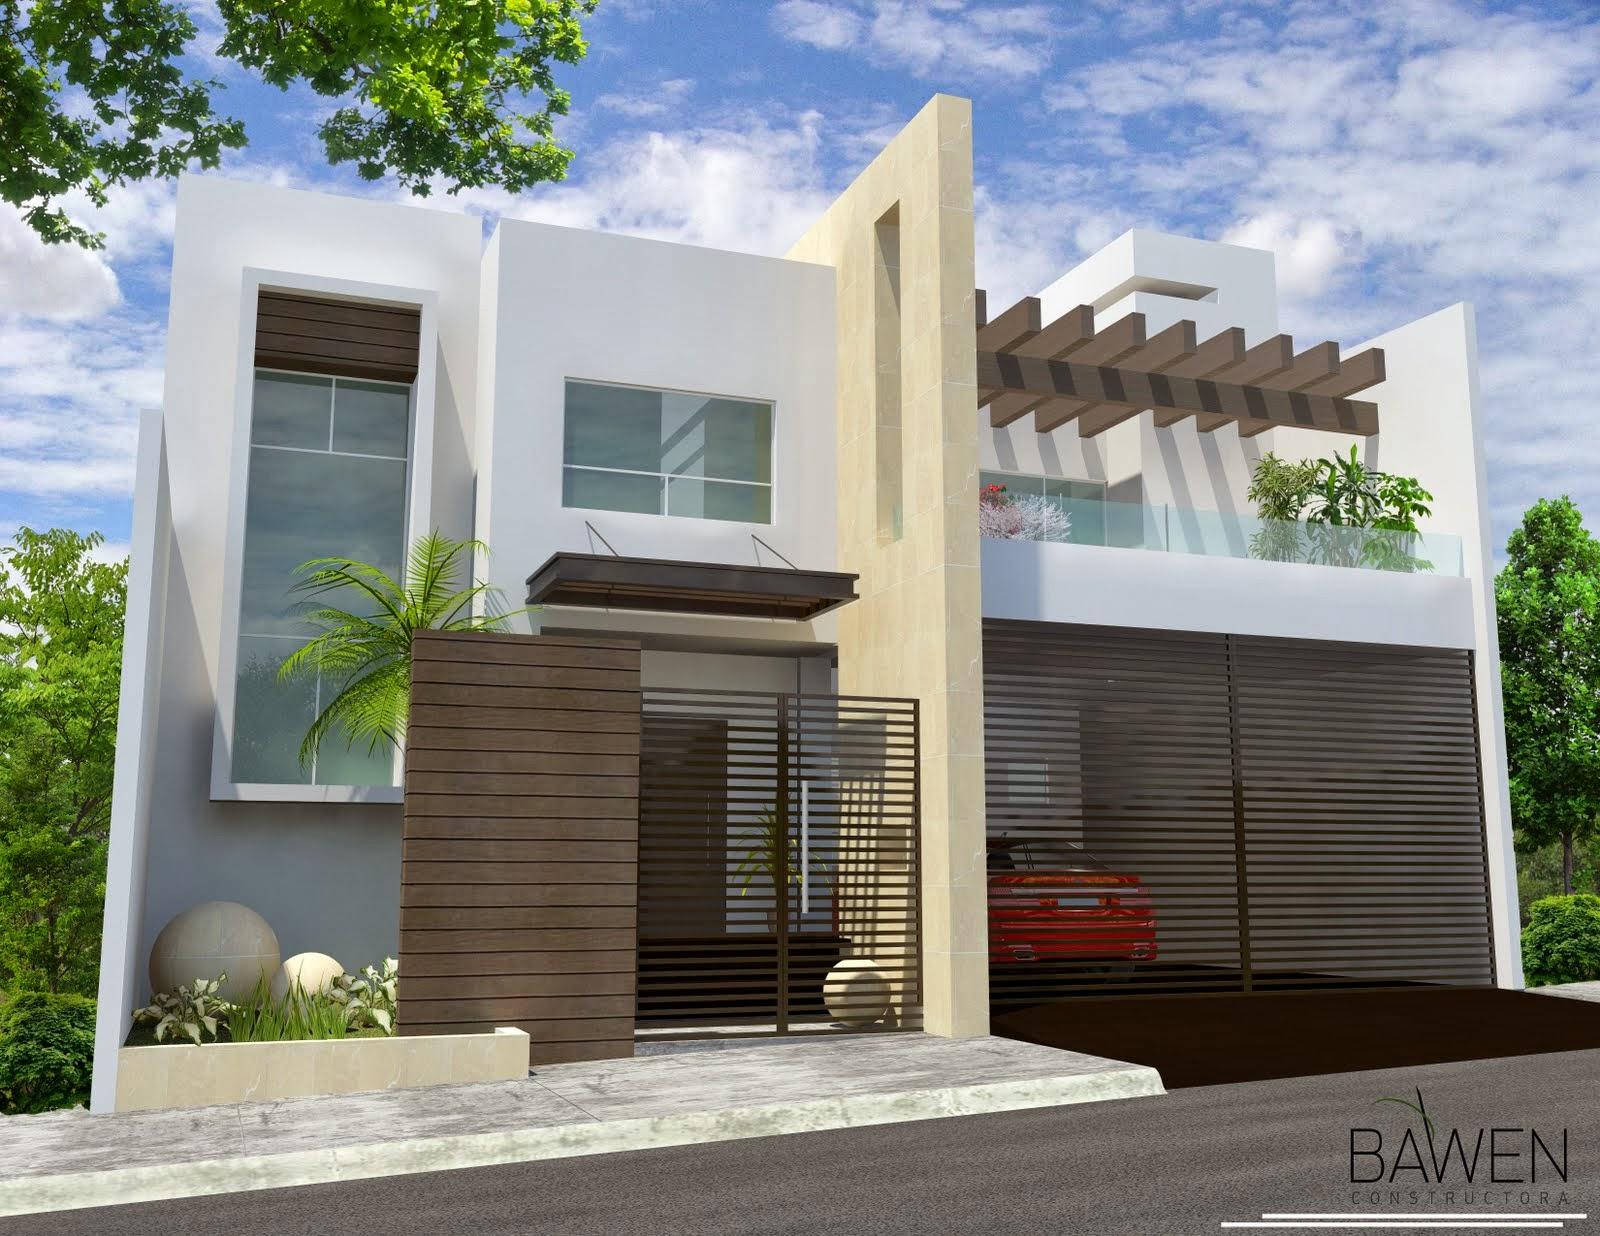 Fachadas de casas modernas fachada moderna de bawen for Fachadas casas modernas